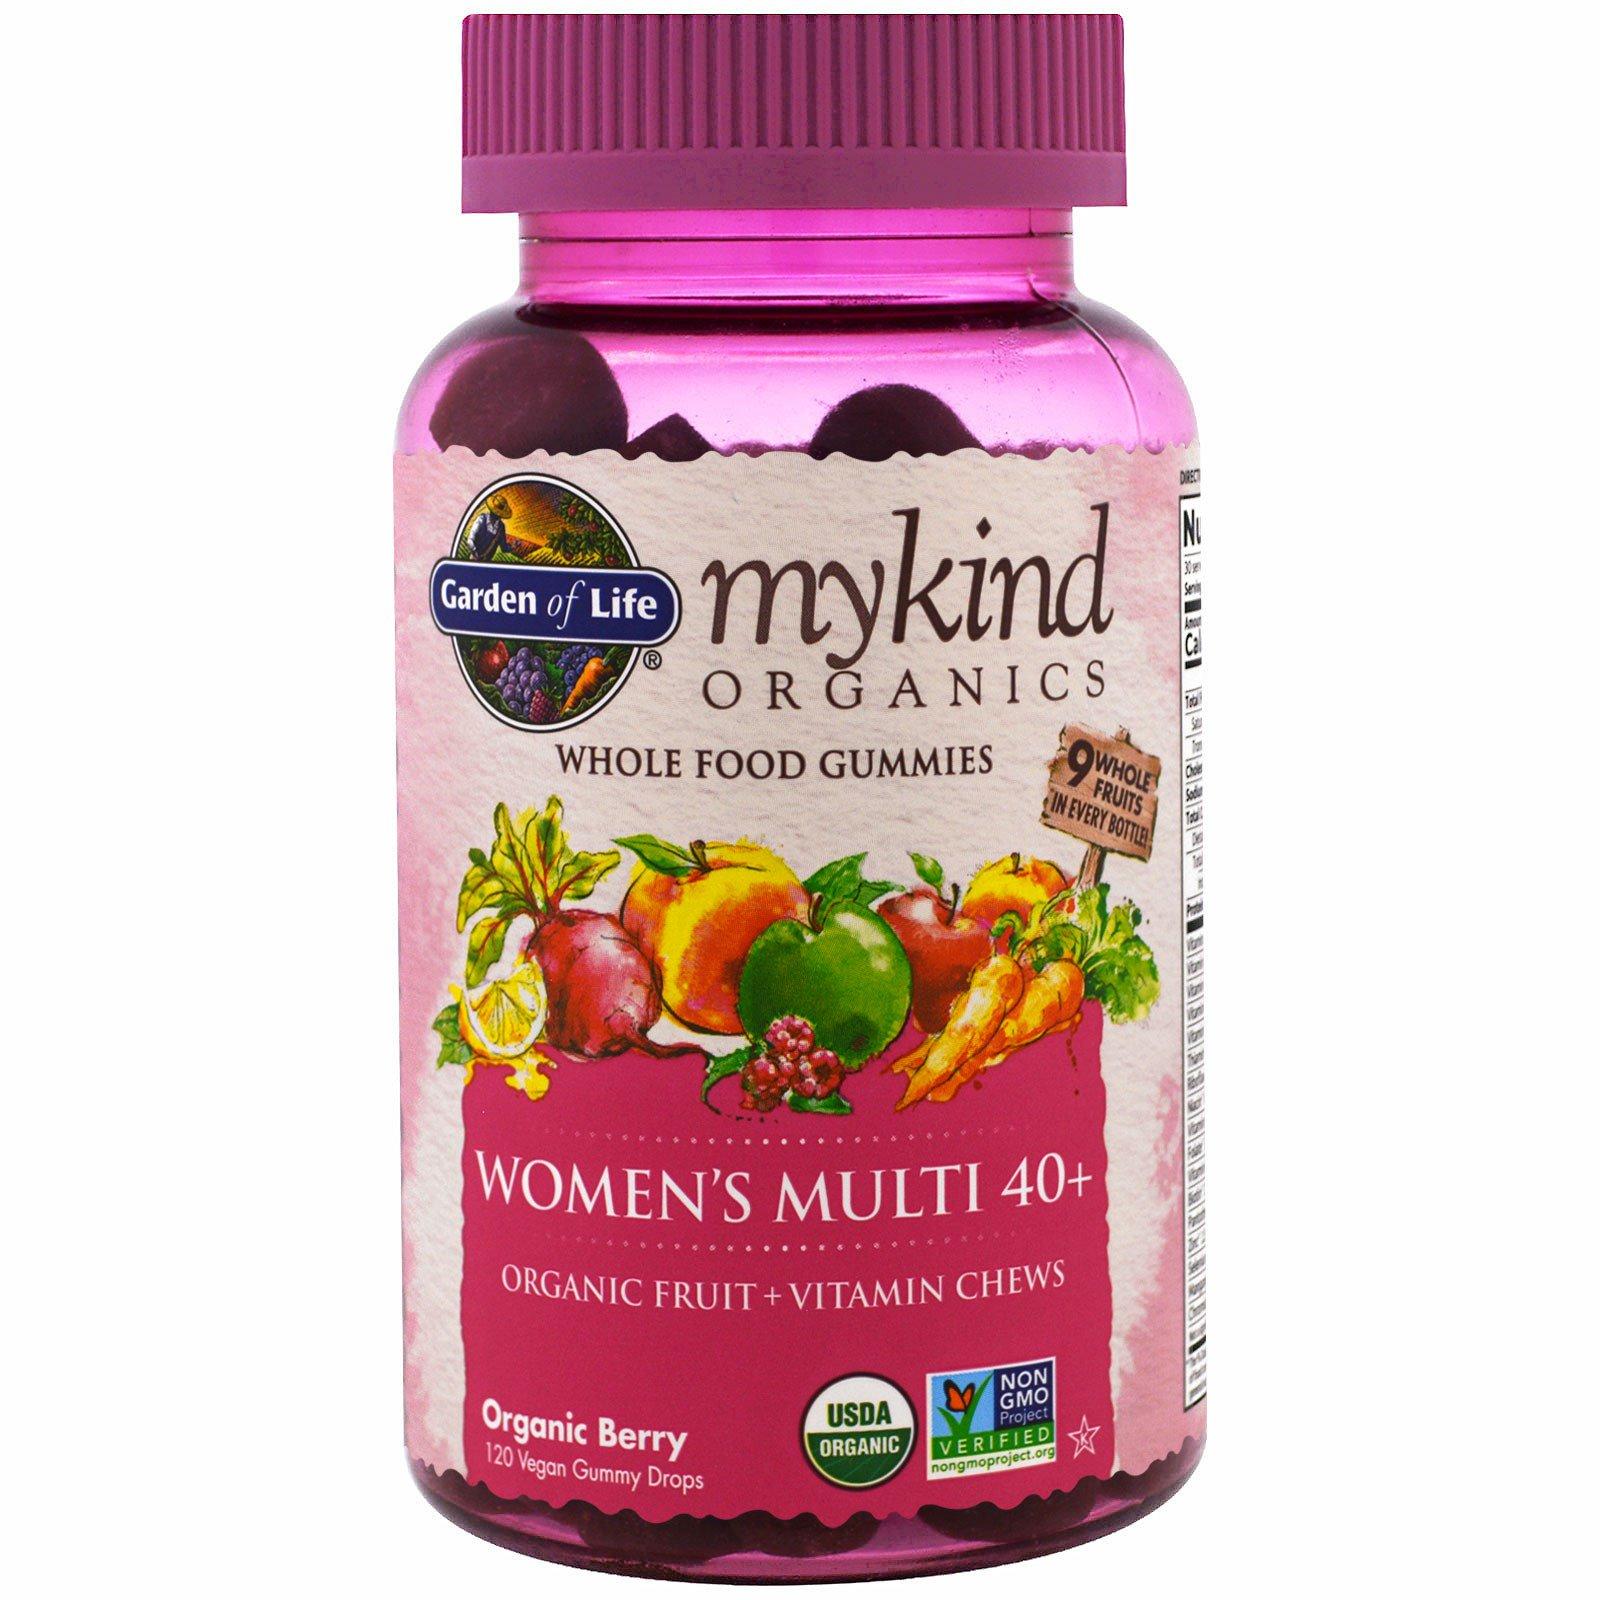 Garden of Life, Mykind Organics, мультивитамин для женщин старше 40 лет, органические ягоды, 120 жевательных конфет